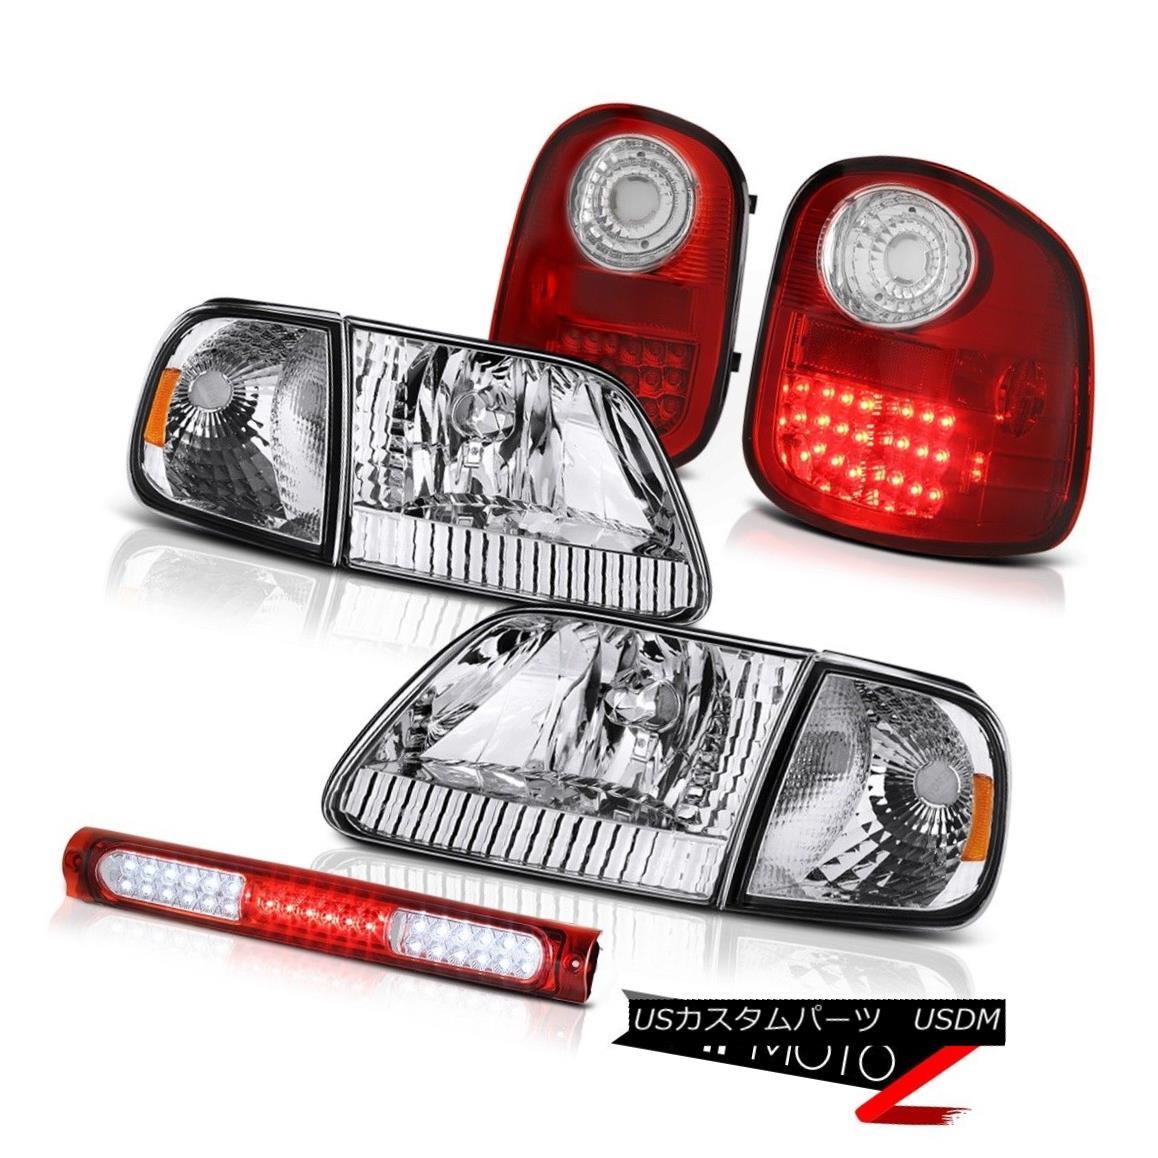 ヘッドライト Signal Headlights Red LED Tail Lights Brake 97-03 F150 Flareside Harley Davidson シグナルヘッドライトレッドLEDテールライトブレーキ97-03 F150 Flareside Harley Davidson